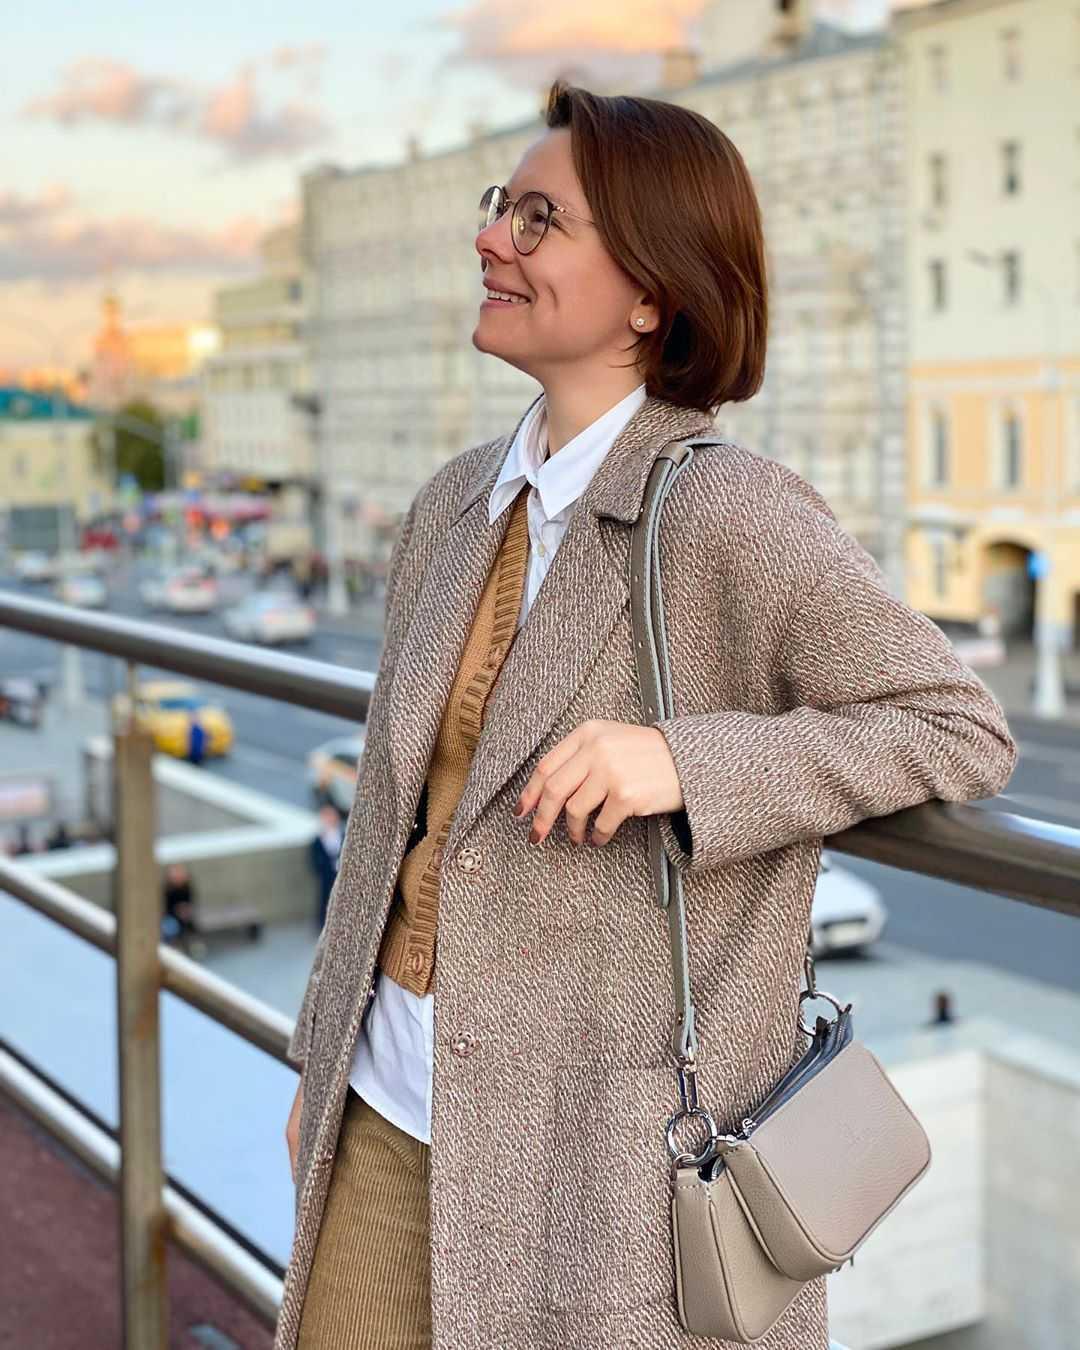 Татьяна Брухунова рассказала о всех прелестях материнства